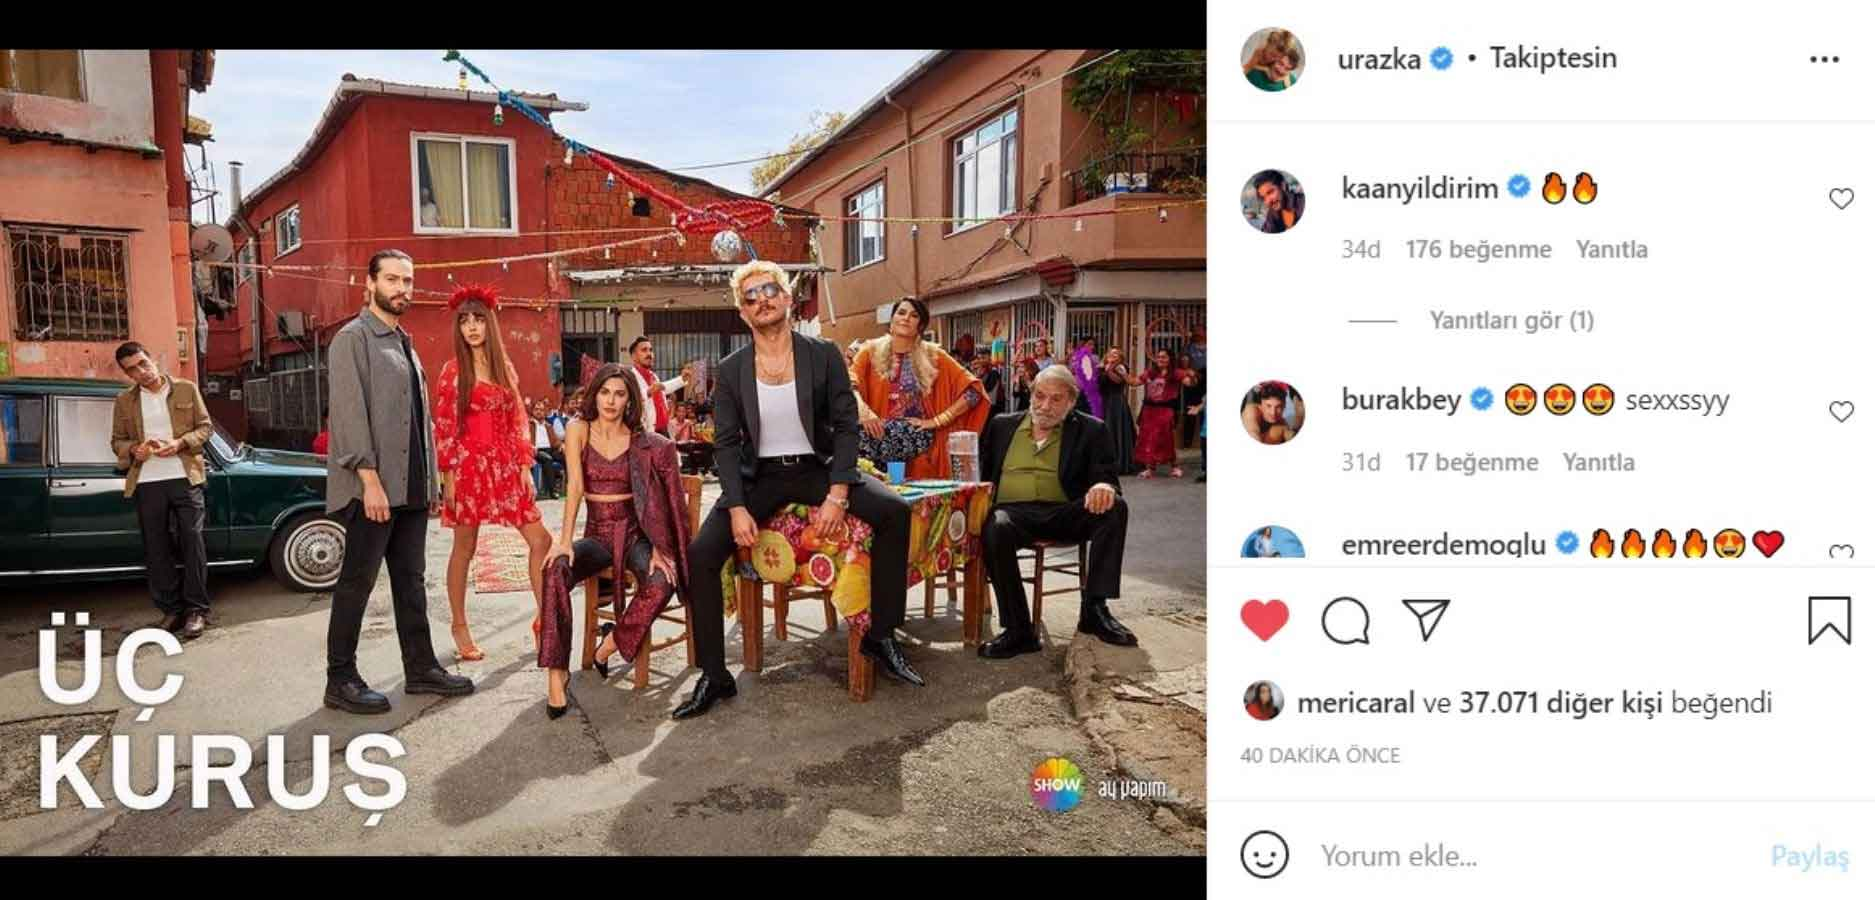 'Üç Kuruş' dizisinin afişi yayınlandı: Başrollerde Uraz Kaygılaroğlu ve Ekin Koç var